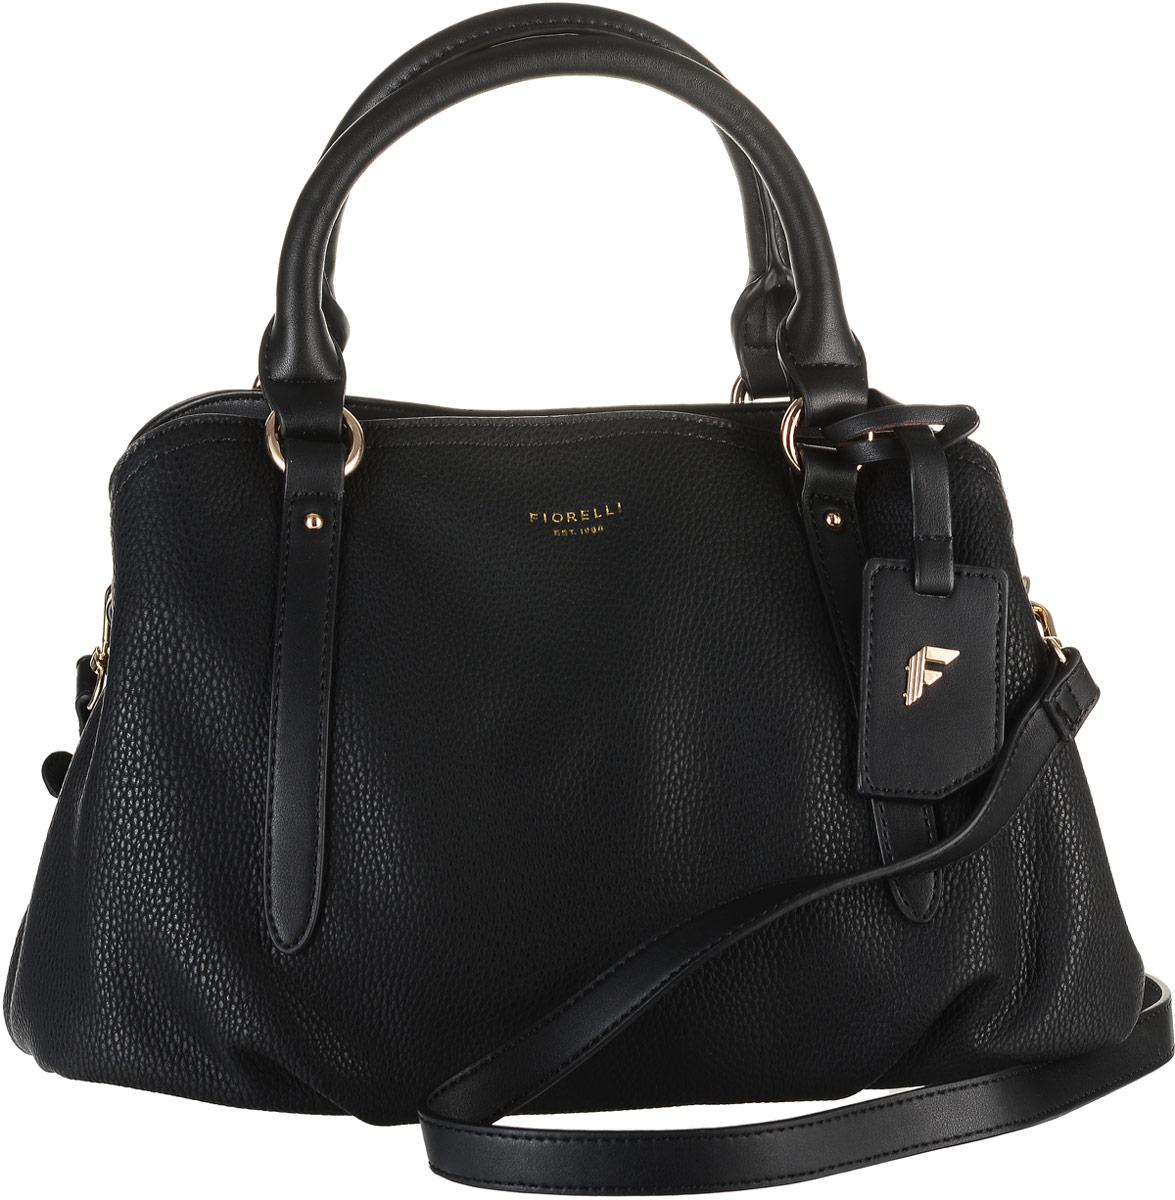 Сумка женская Fiorelli, цвет: черный. 8586 FH8586 FH BlackСтильная женская сумка Fiorelli выполнена из мягкой искусственной кожи с зернистой фактурой, дополнена золотистой фурнитурой и подвеской с символикой бренда. Изделие имеет три вместительных отделения, два из которых закрываются на магнитные застежки, а центральное - на застежку молнию. Внутри имеется прорезной карман на молнии и два открытых пришивных кармана для телефона и мелочей. Сумка оснащена съемным плечевым ремнем из искусственной кожи, который регулируется по длине. Роскошная сумка внесет элегантные нотки в ваш образ и подчеркнет ваше отменное чувство стиля. Дизайн продукции Fiorelli разрабатывается в Лондоне молодой, амбициозной командой, идущей в ногу со временем и предлагающей модели, которые предназначены для любых случаев, как для выхода в свет, так и для рабочих будней, торжественных приемов или коктейльных вечеринок.